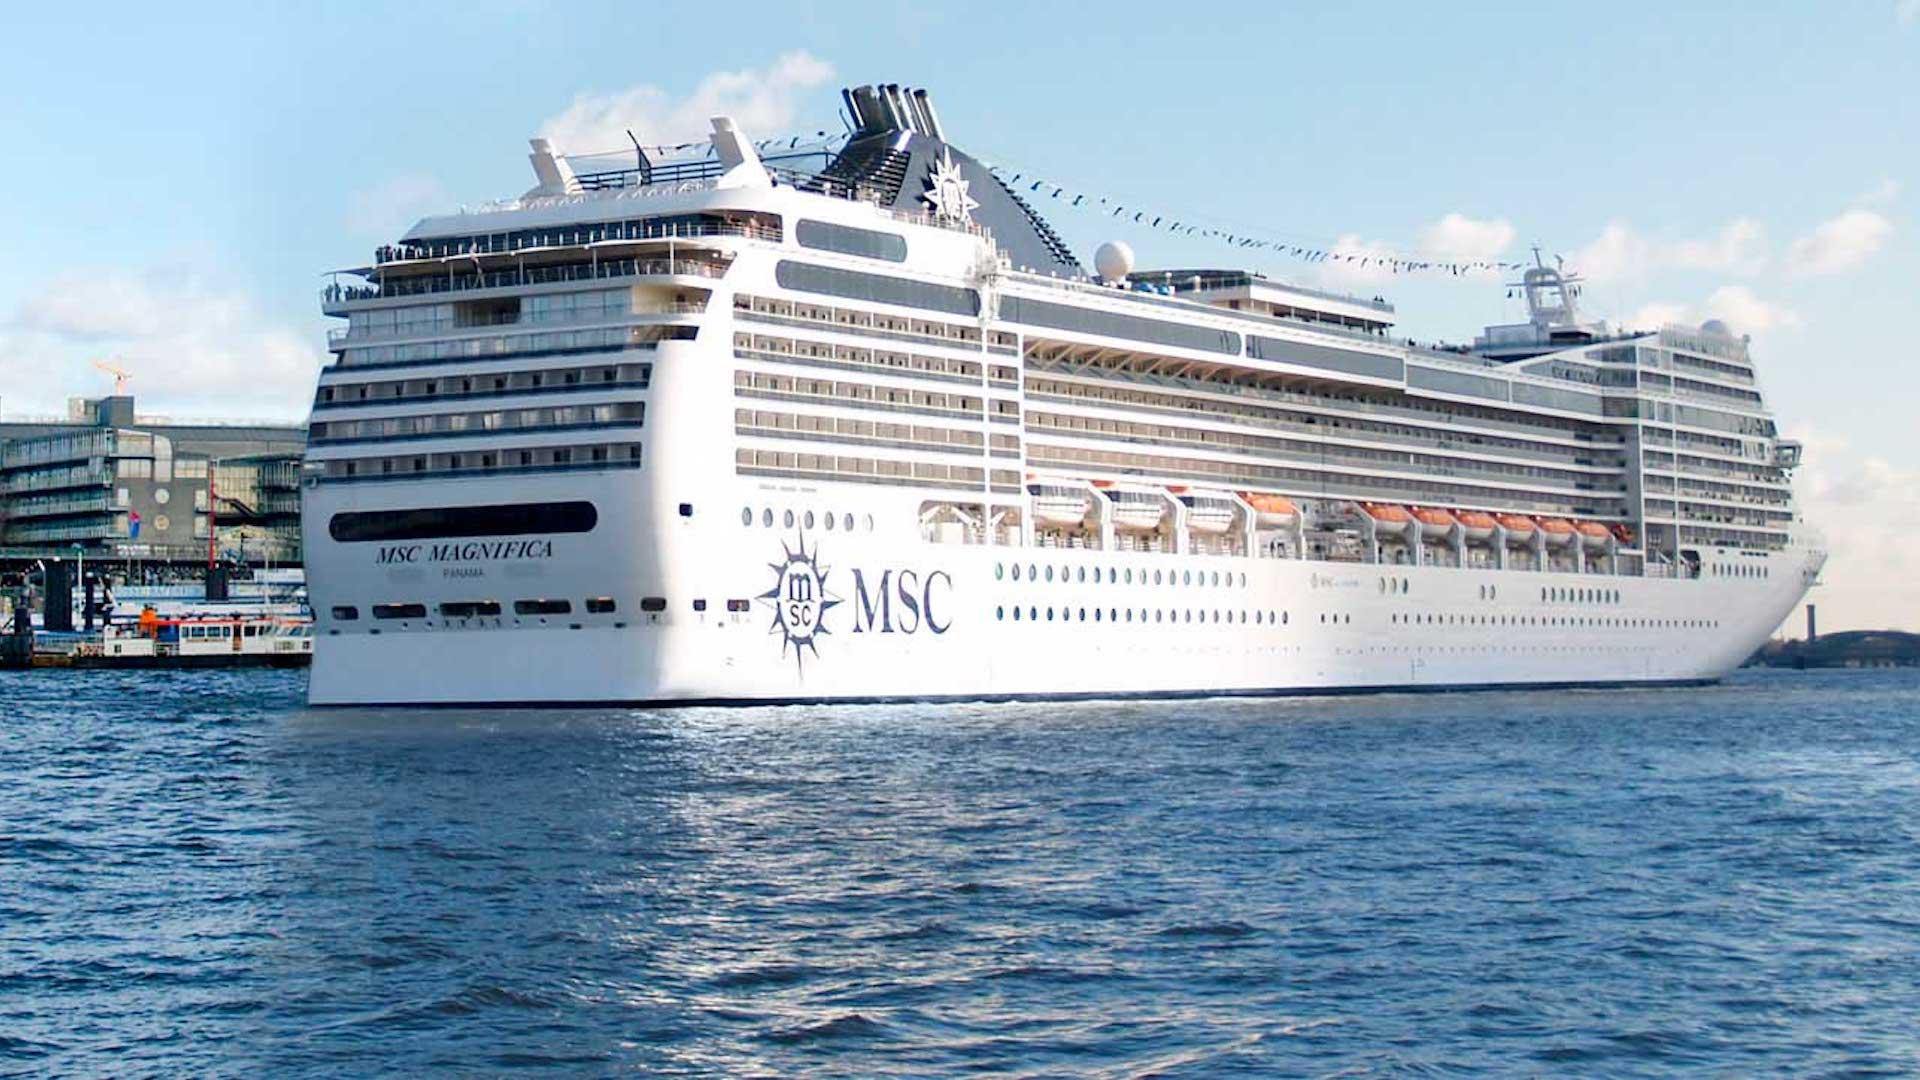 El crucero que recorre 43 destinos en 23 países durante 117 días